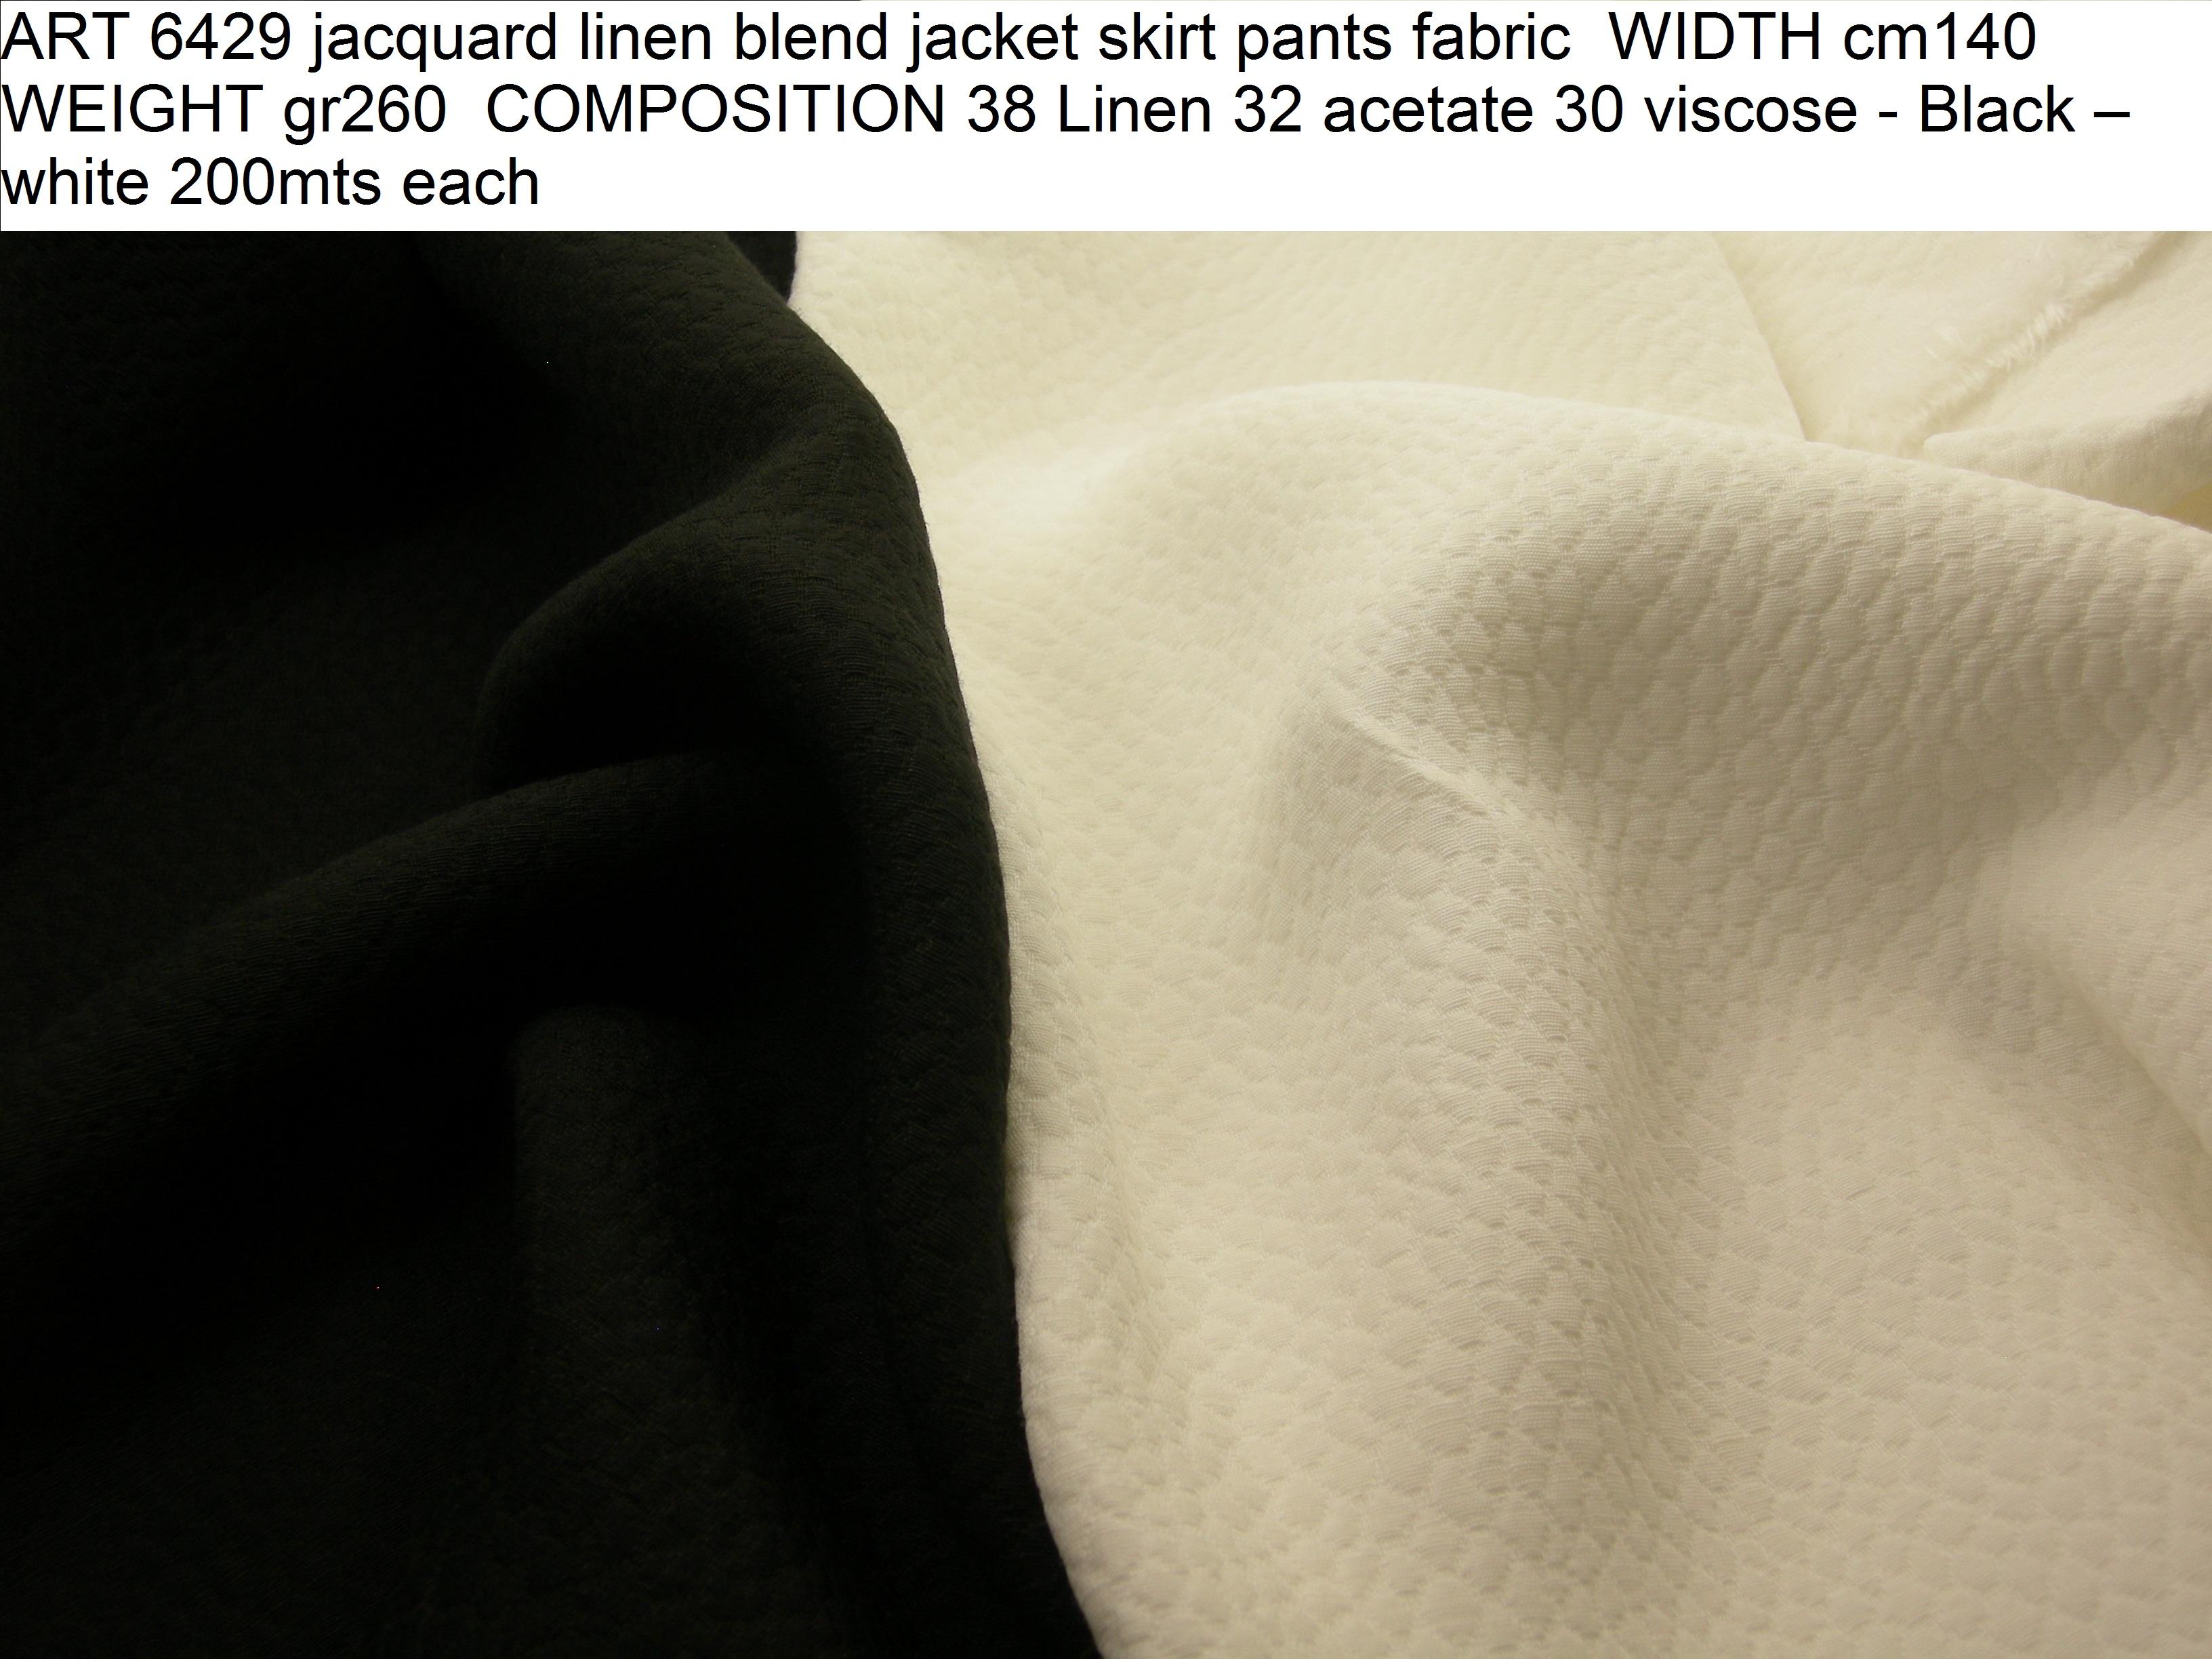 ART 6429 jacquard linen blend jacket skirt pants fabric WIDTH cm140 WEIGHT gr260 COMPOSITION 38 Linen 32 acetate 30 viscose - Black – white 200mts each